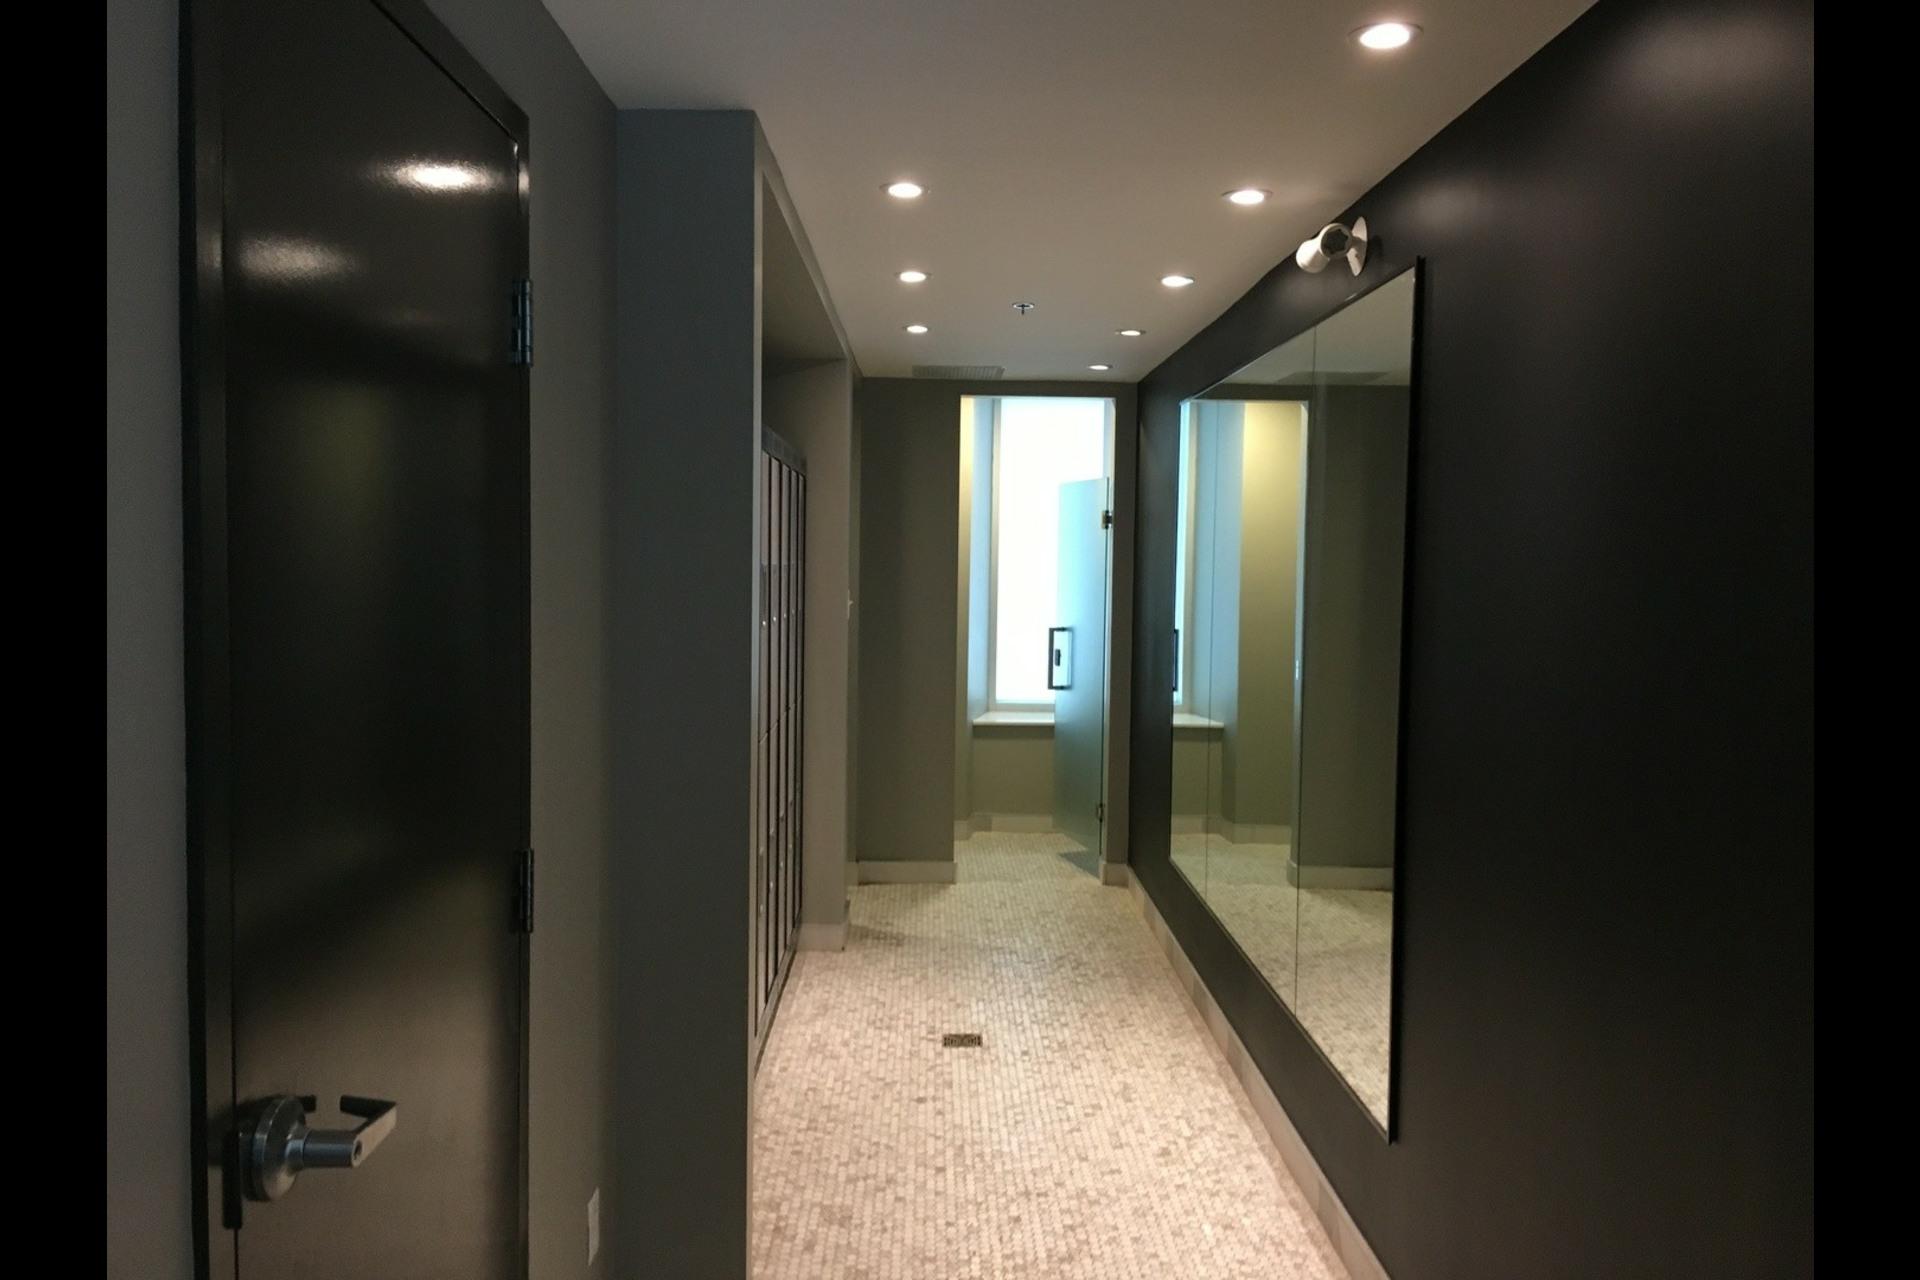 image 17 - Condo For rent Montréal Ville-Marie (Centre-ville) - 3 rooms